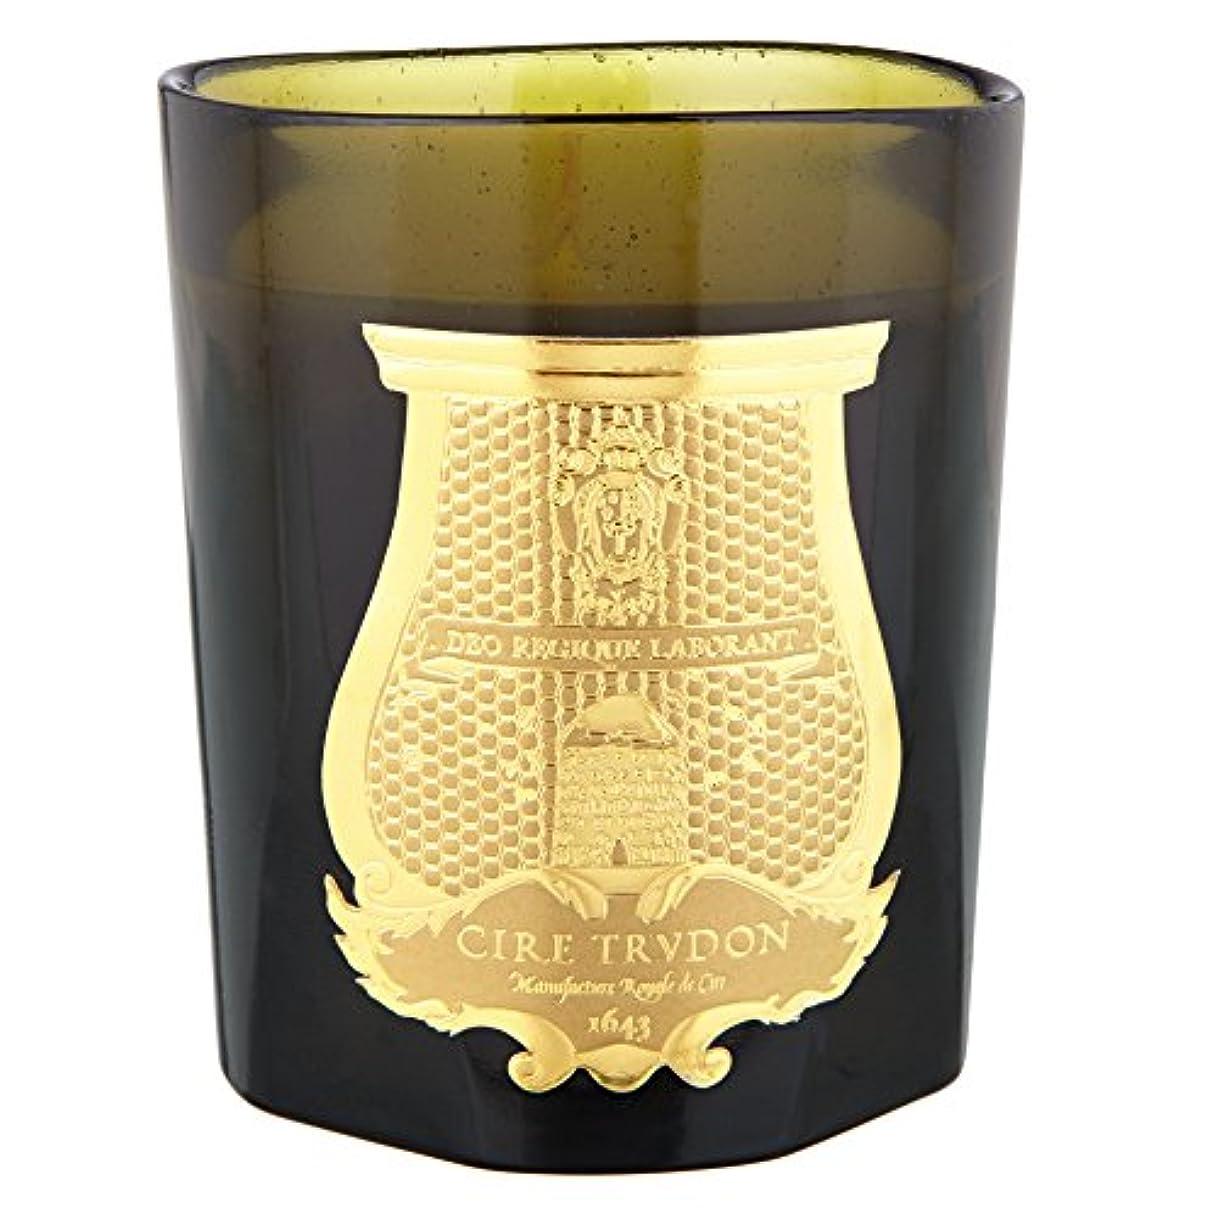 九時四十五分ひらめき恩恵CireのTrudonのトリアノン香りのキャンドル (Cire Trudon) - Cire Trudon Trianon Scented Candle [並行輸入品]